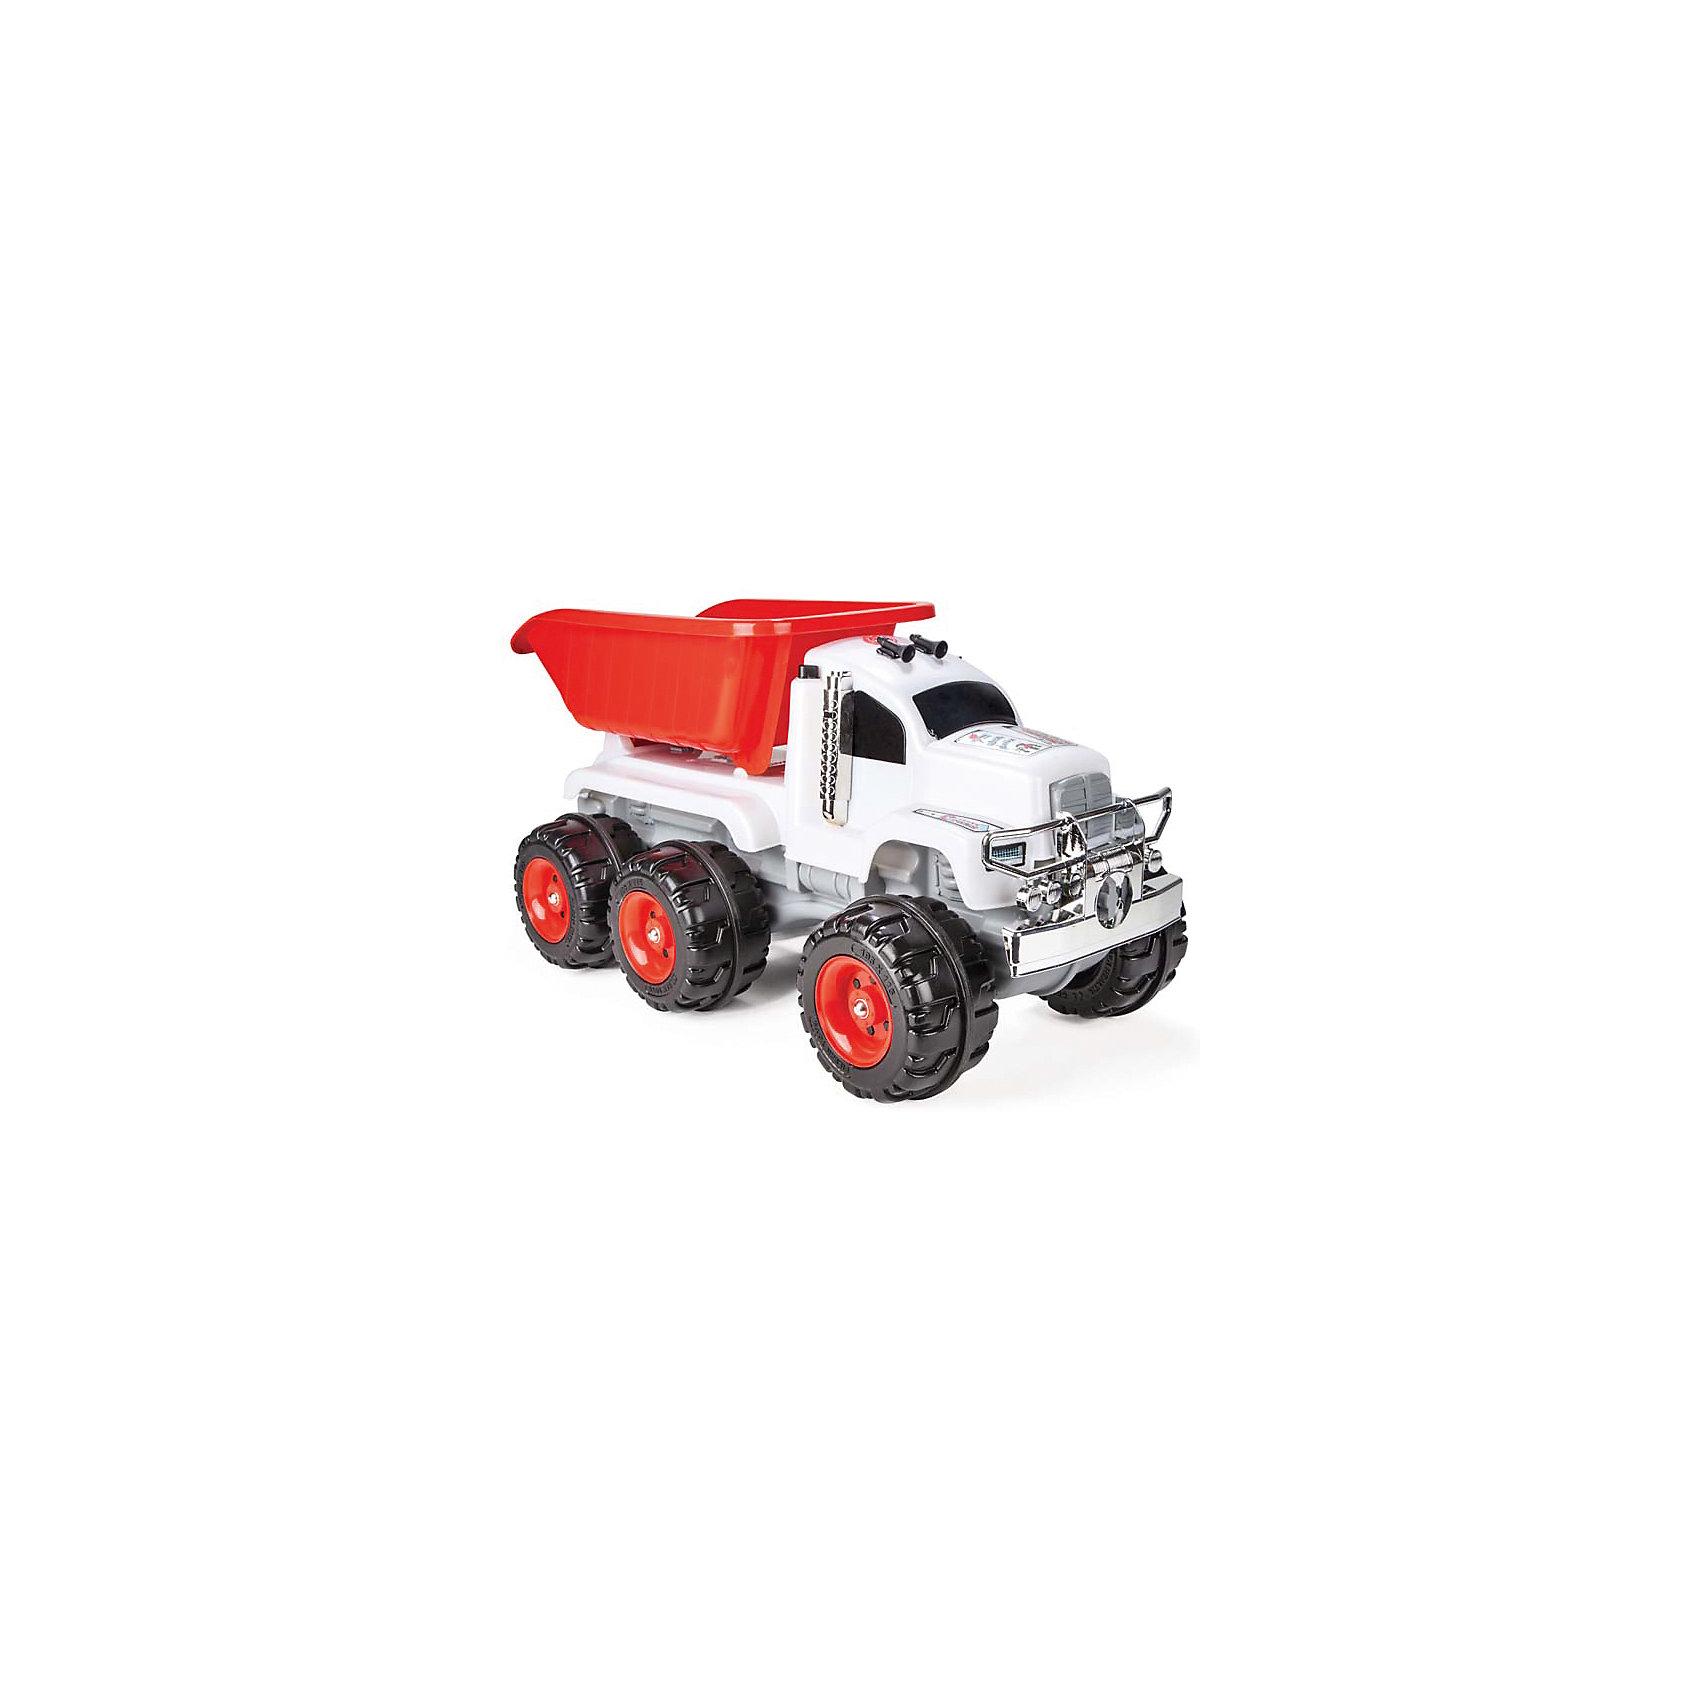 Машинка Самосвал большой CRAZY с сигналом, PILSANГрузовик с мелодиями и световыми эффектами для детей от 3 лет, подвижной кузов. <br>Максимальный вес: 5 кг.<br><br>Ширина мм: 440<br>Глубина мм: 920<br>Высота мм: 470<br>Вес г: 5800<br>Возраст от месяцев: 36<br>Возраст до месяцев: 96<br>Пол: Мужской<br>Возраст: Детский<br>SKU: 5512005